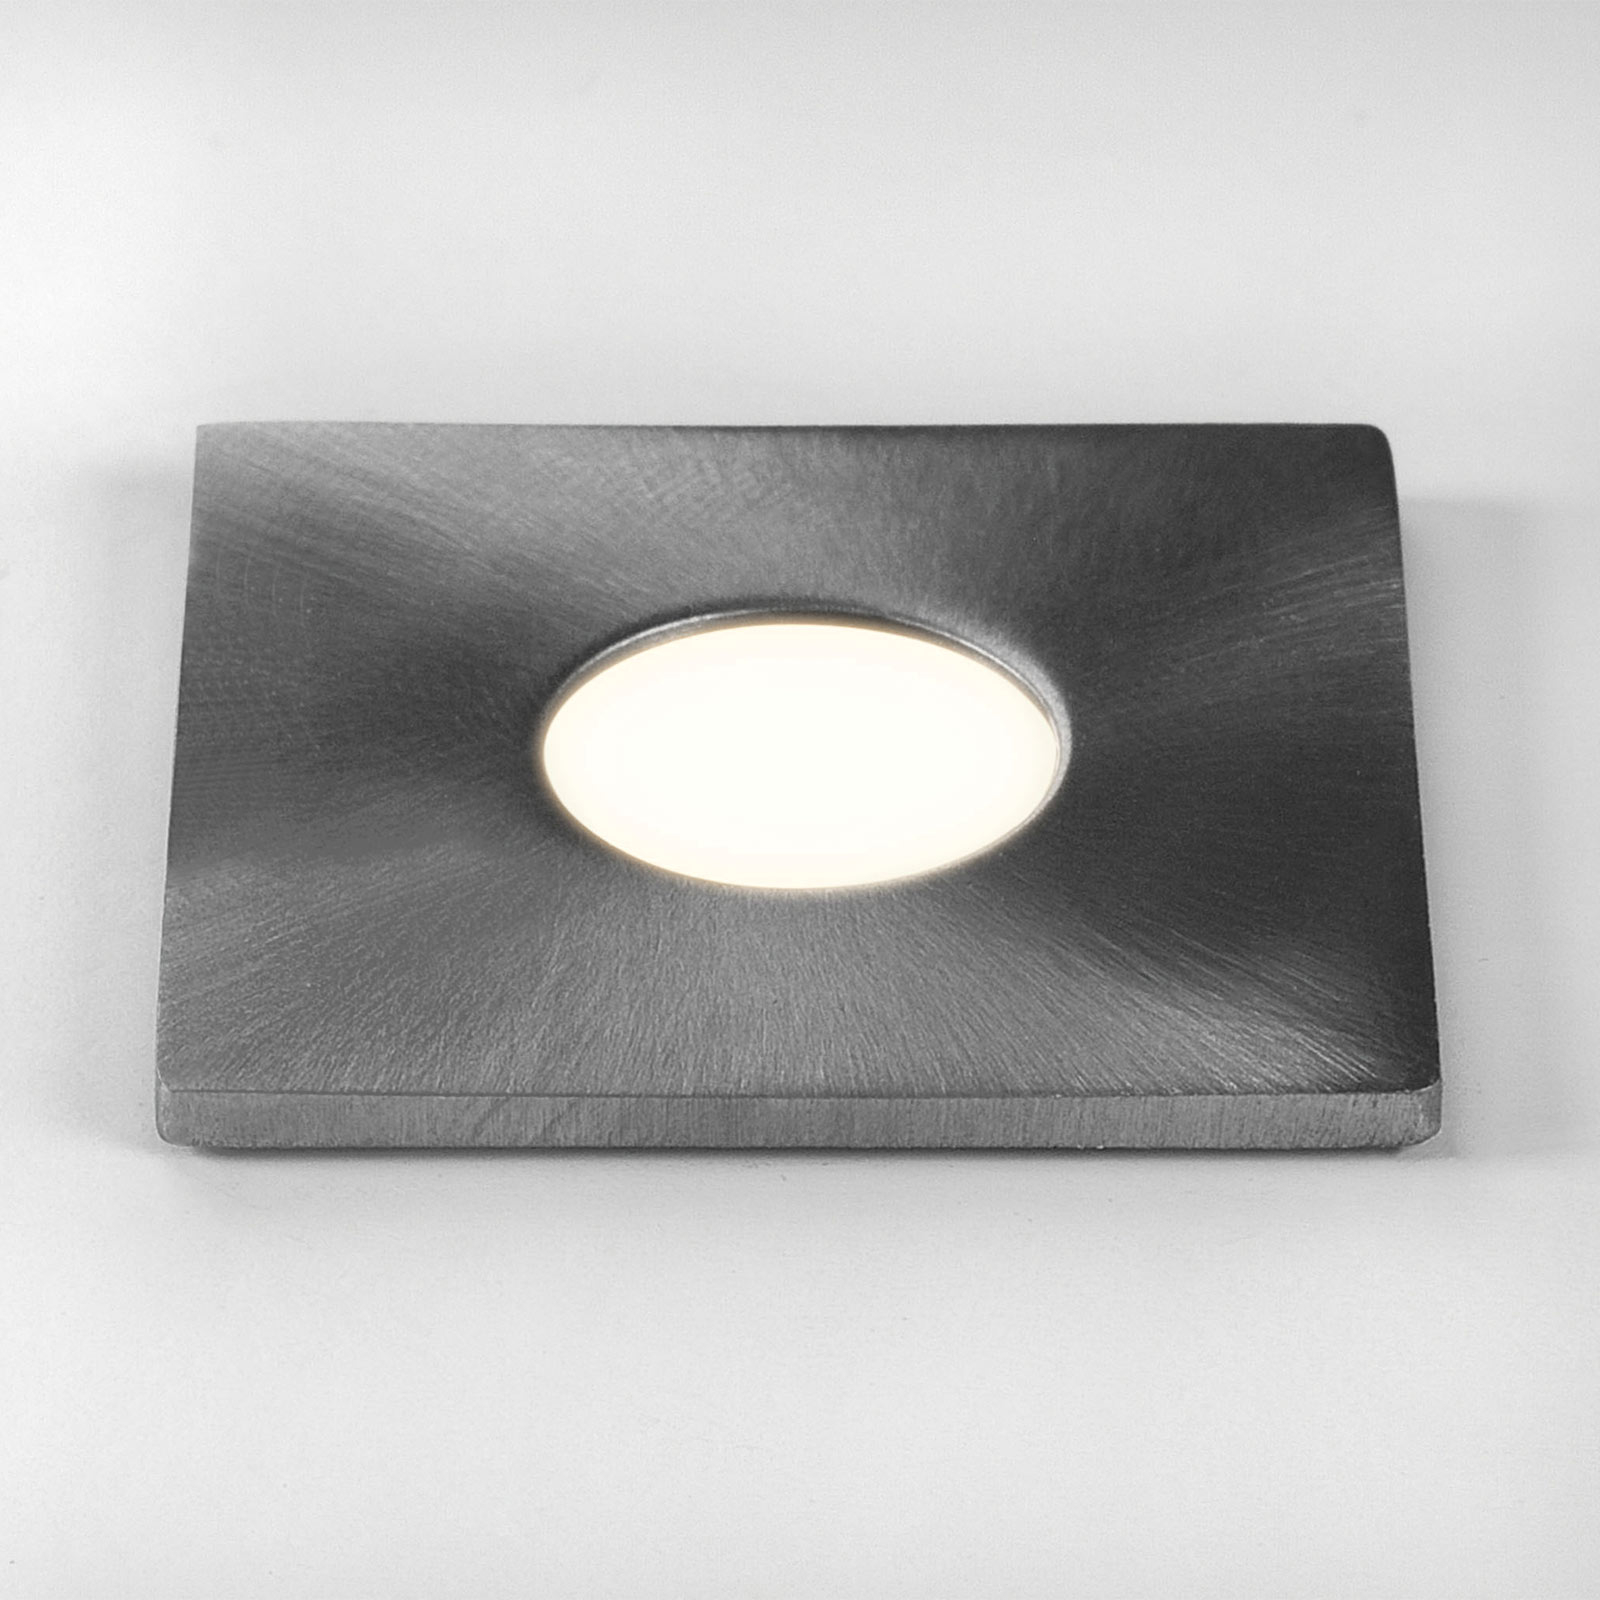 Astro Terra 28 Square lampe encastrée LED, IP65